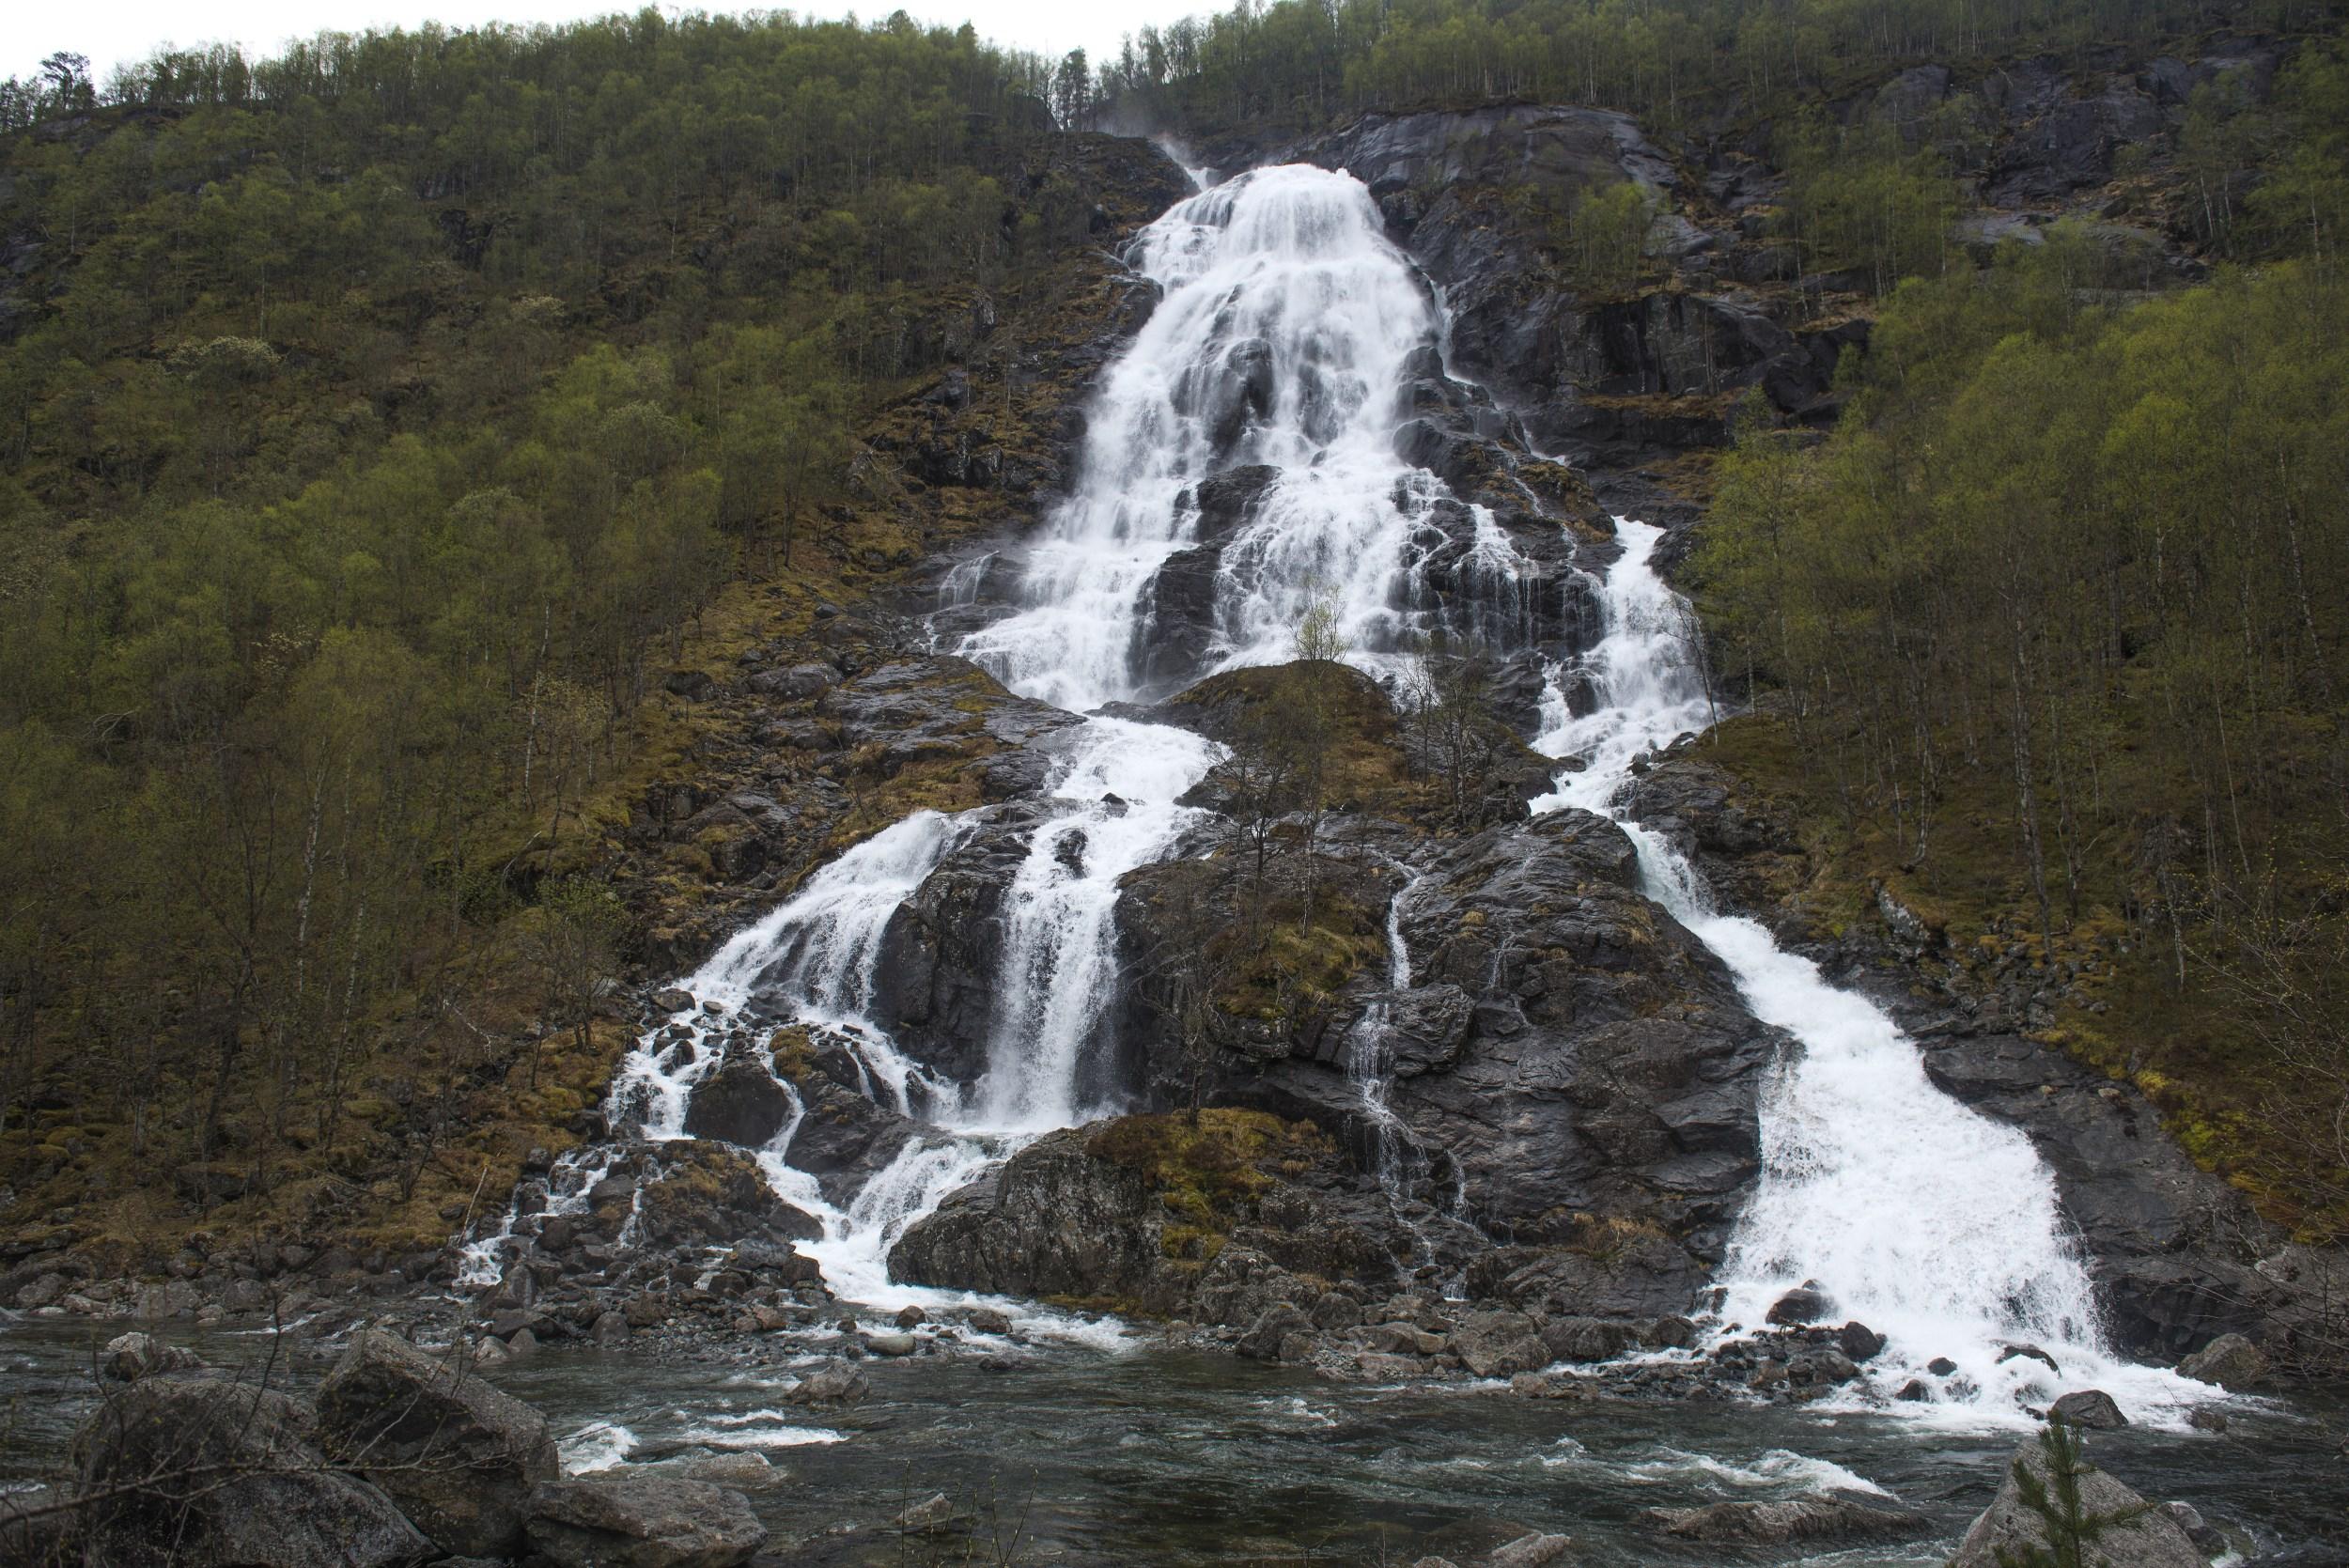 Image of Flesåno, Bratlandsdalen